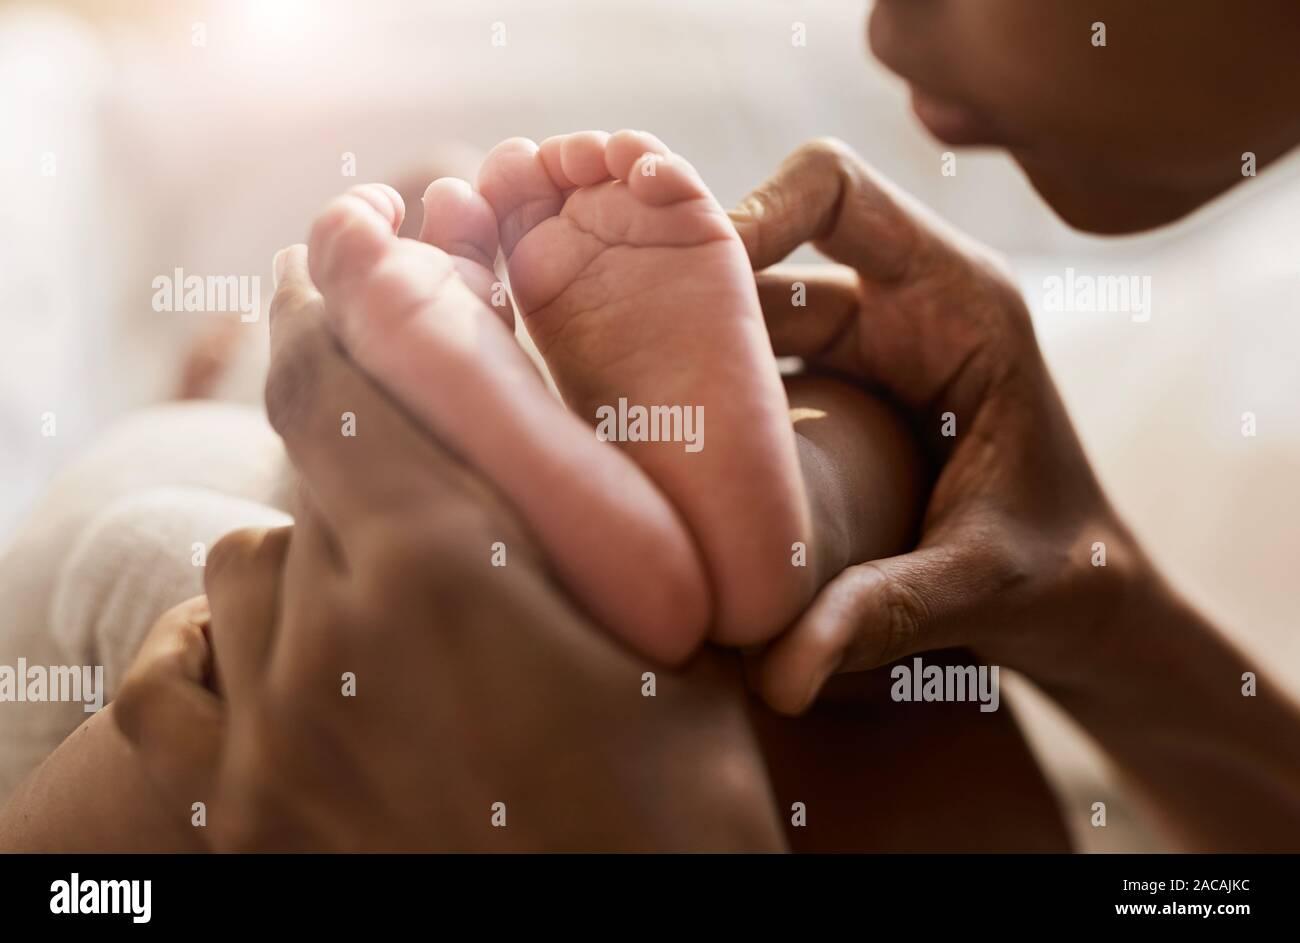 Close up ritratto di donna afro-americana tenendo piccoli piedini di simpatici baby in presenza di luce solare, spazio di copia Foto Stock